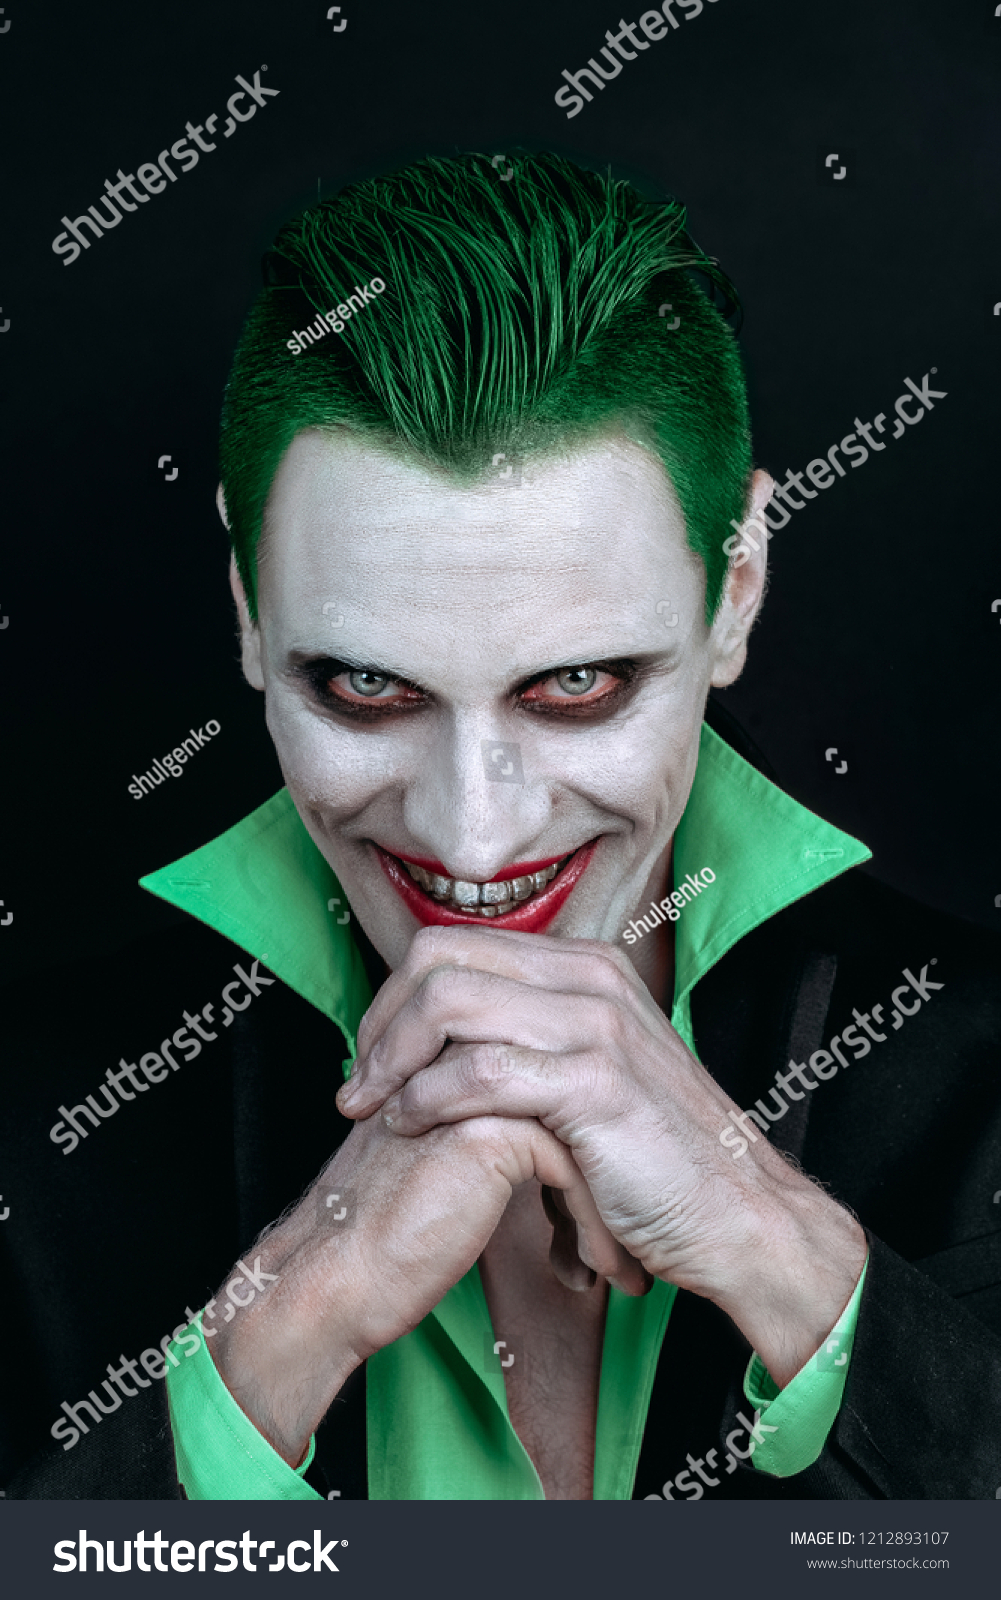 portrait joker makeup halloween crazy image stock photo (edit now